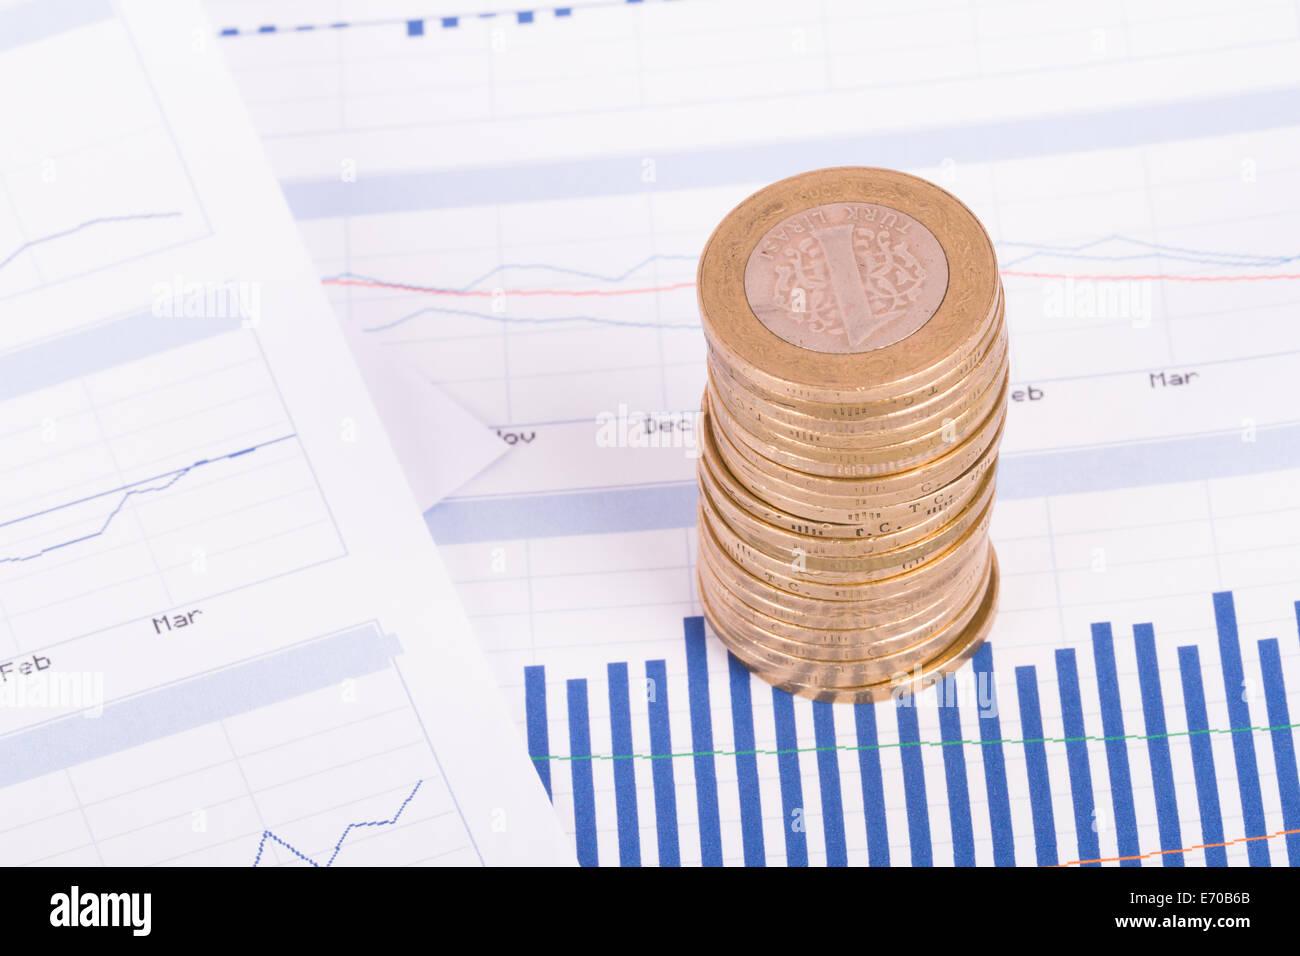 Monedas en la tabla de gráficos y análisis de datos financieros. Imagen De Stock